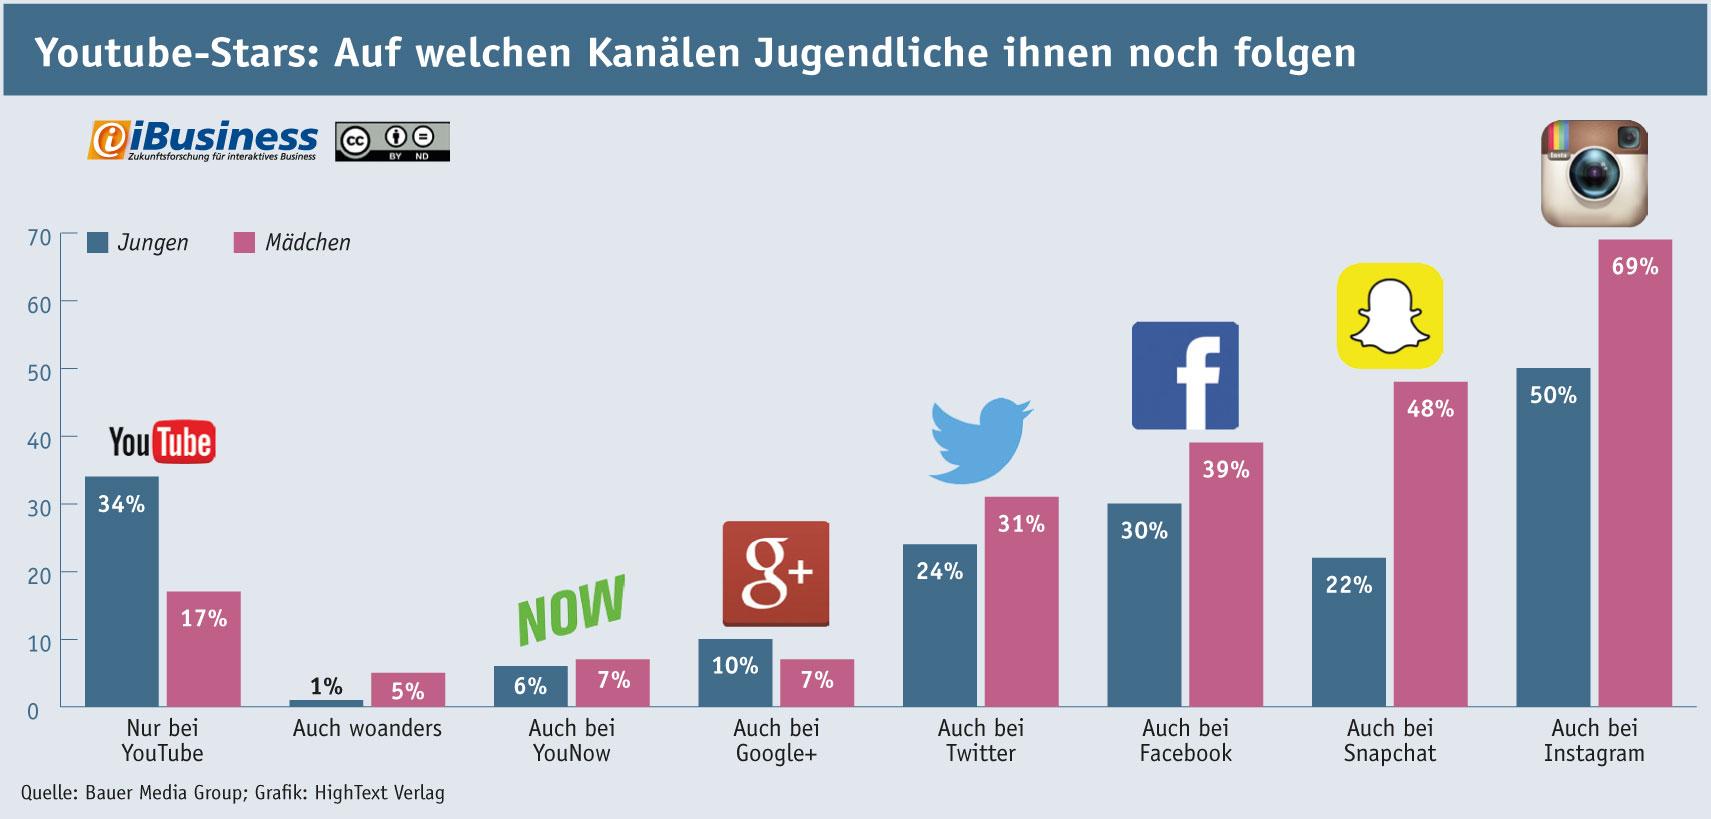 Infografik: Youtube-Stars: Auf welchen Social-Media-Kanälen Jugendliche ihnen folgen